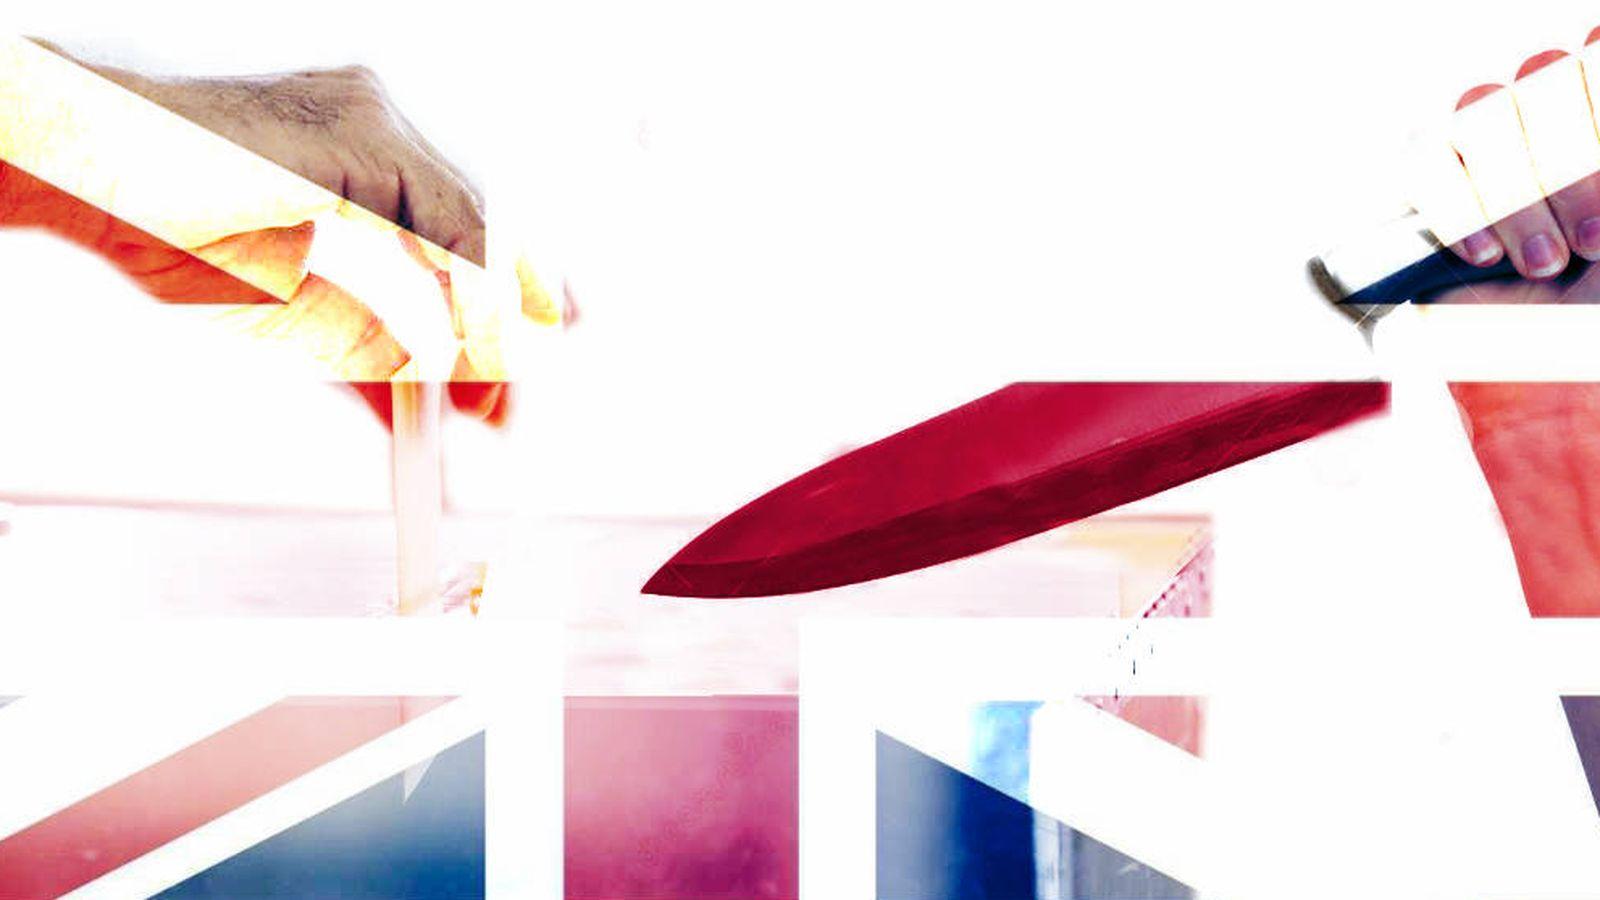 Foto: Elecciones 2017 Reino Unido. (Imagen: Enrique Villarino)